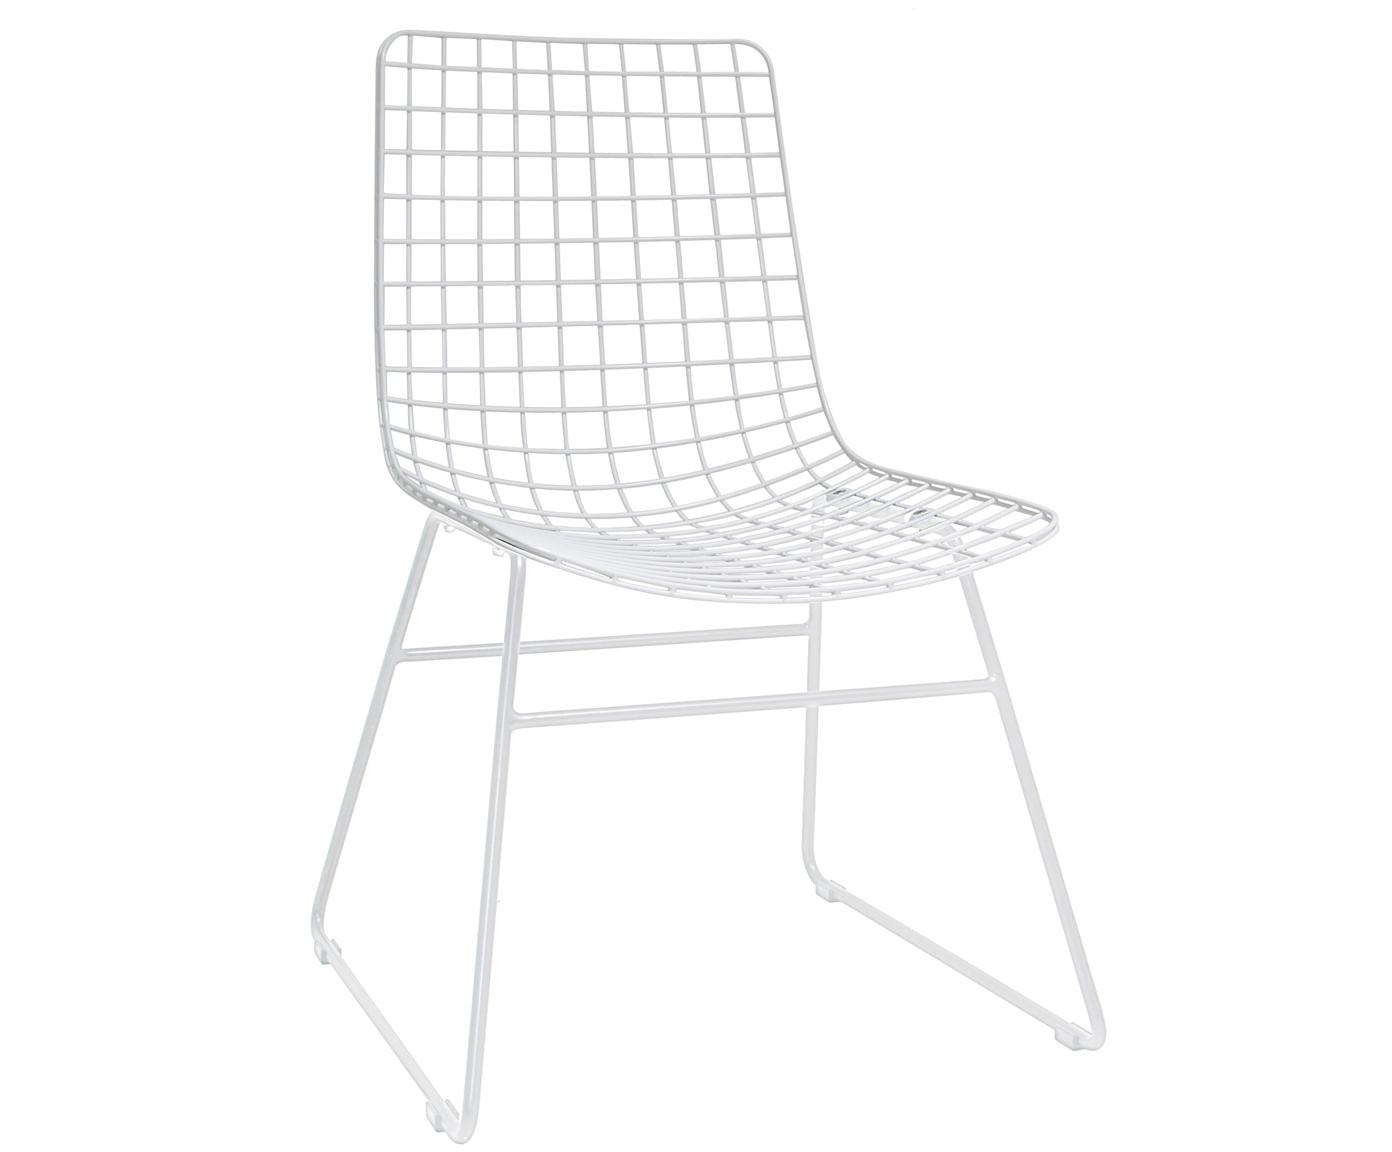 Stoel Wire, Gepoedercoat metaal, Wit, B 47 x D 54 cm